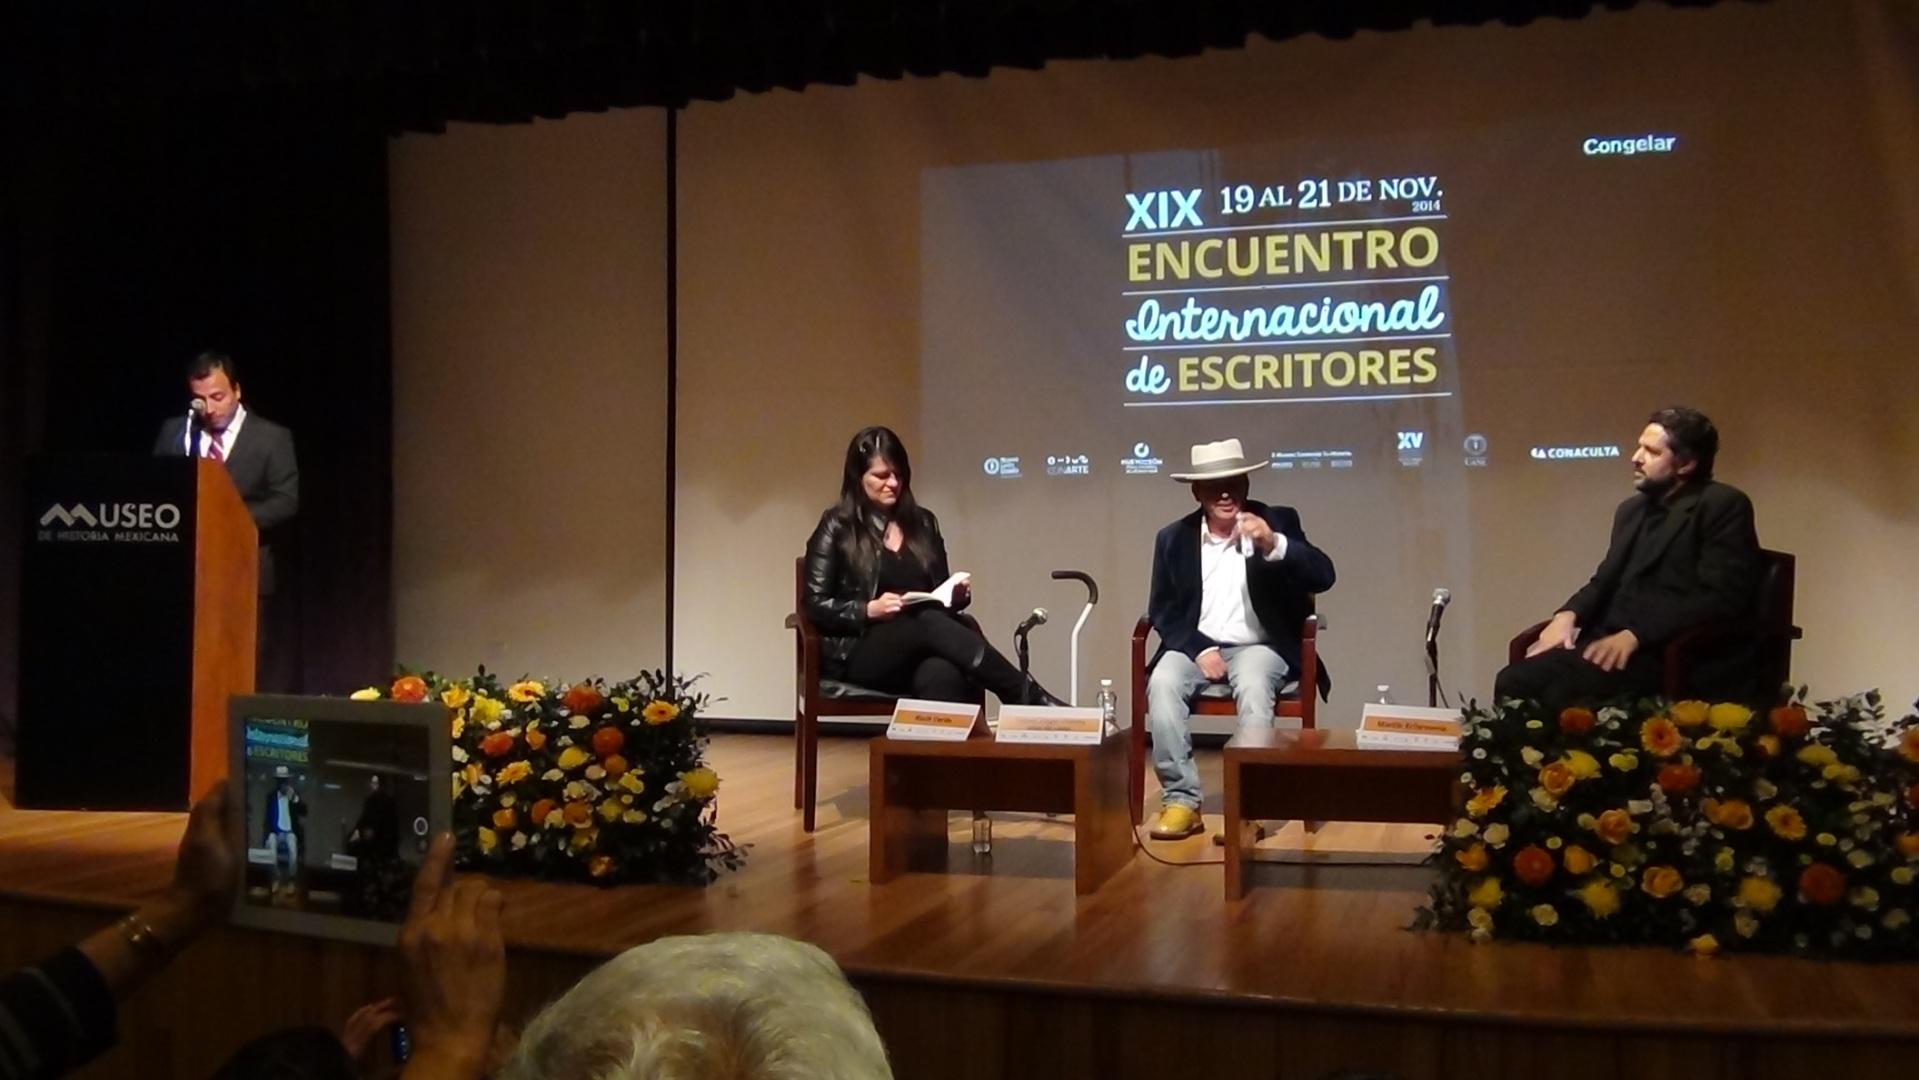 Martín Echeverría XIX Encuentro Internacional de Escritores de Monterrey